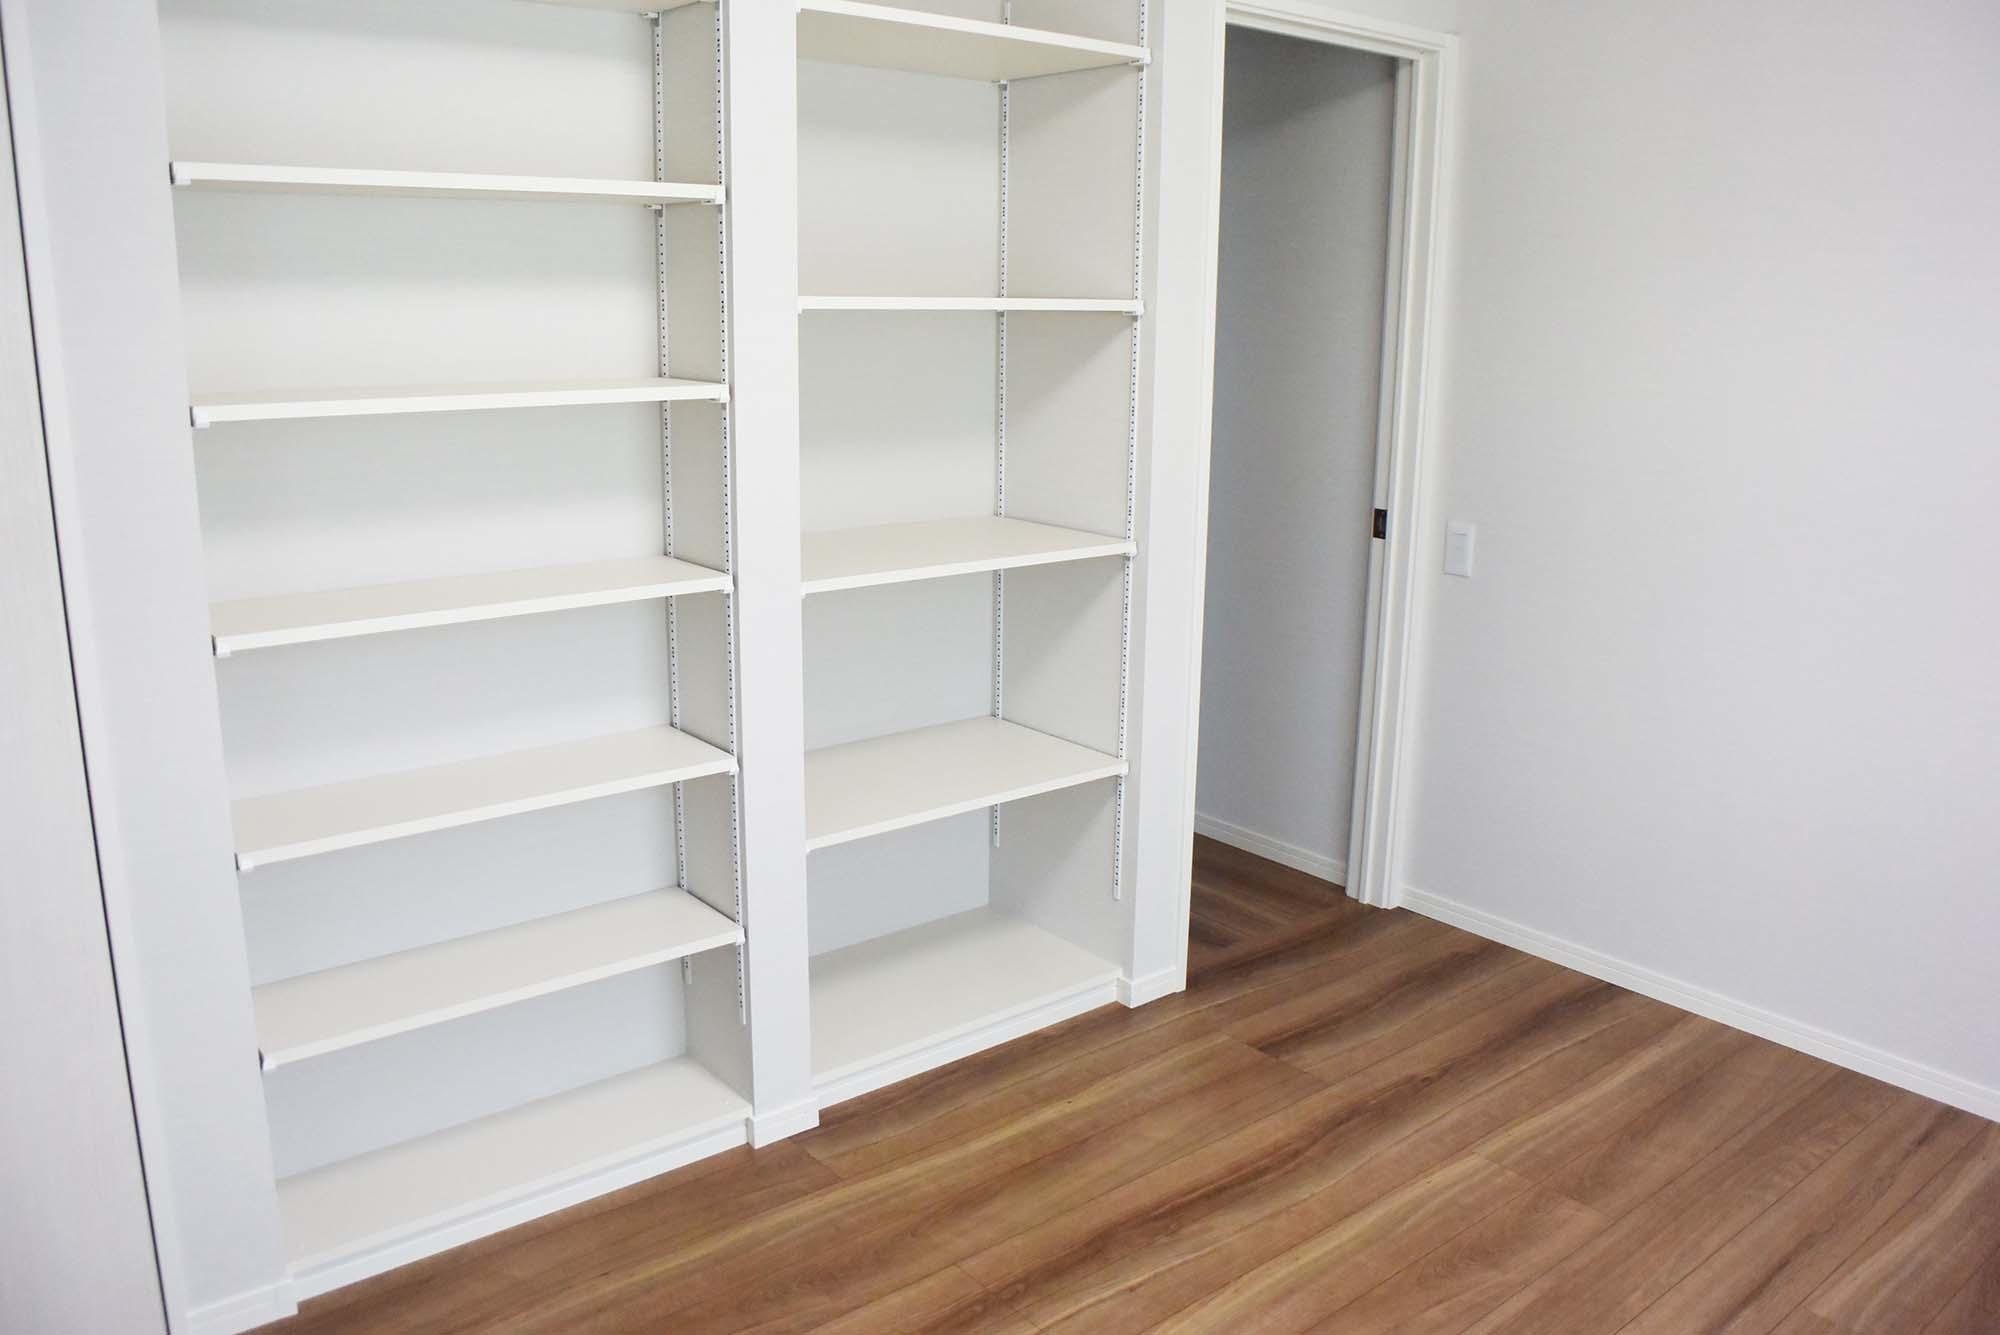 収納たっぷりの棚を据え付けた2階洋室。